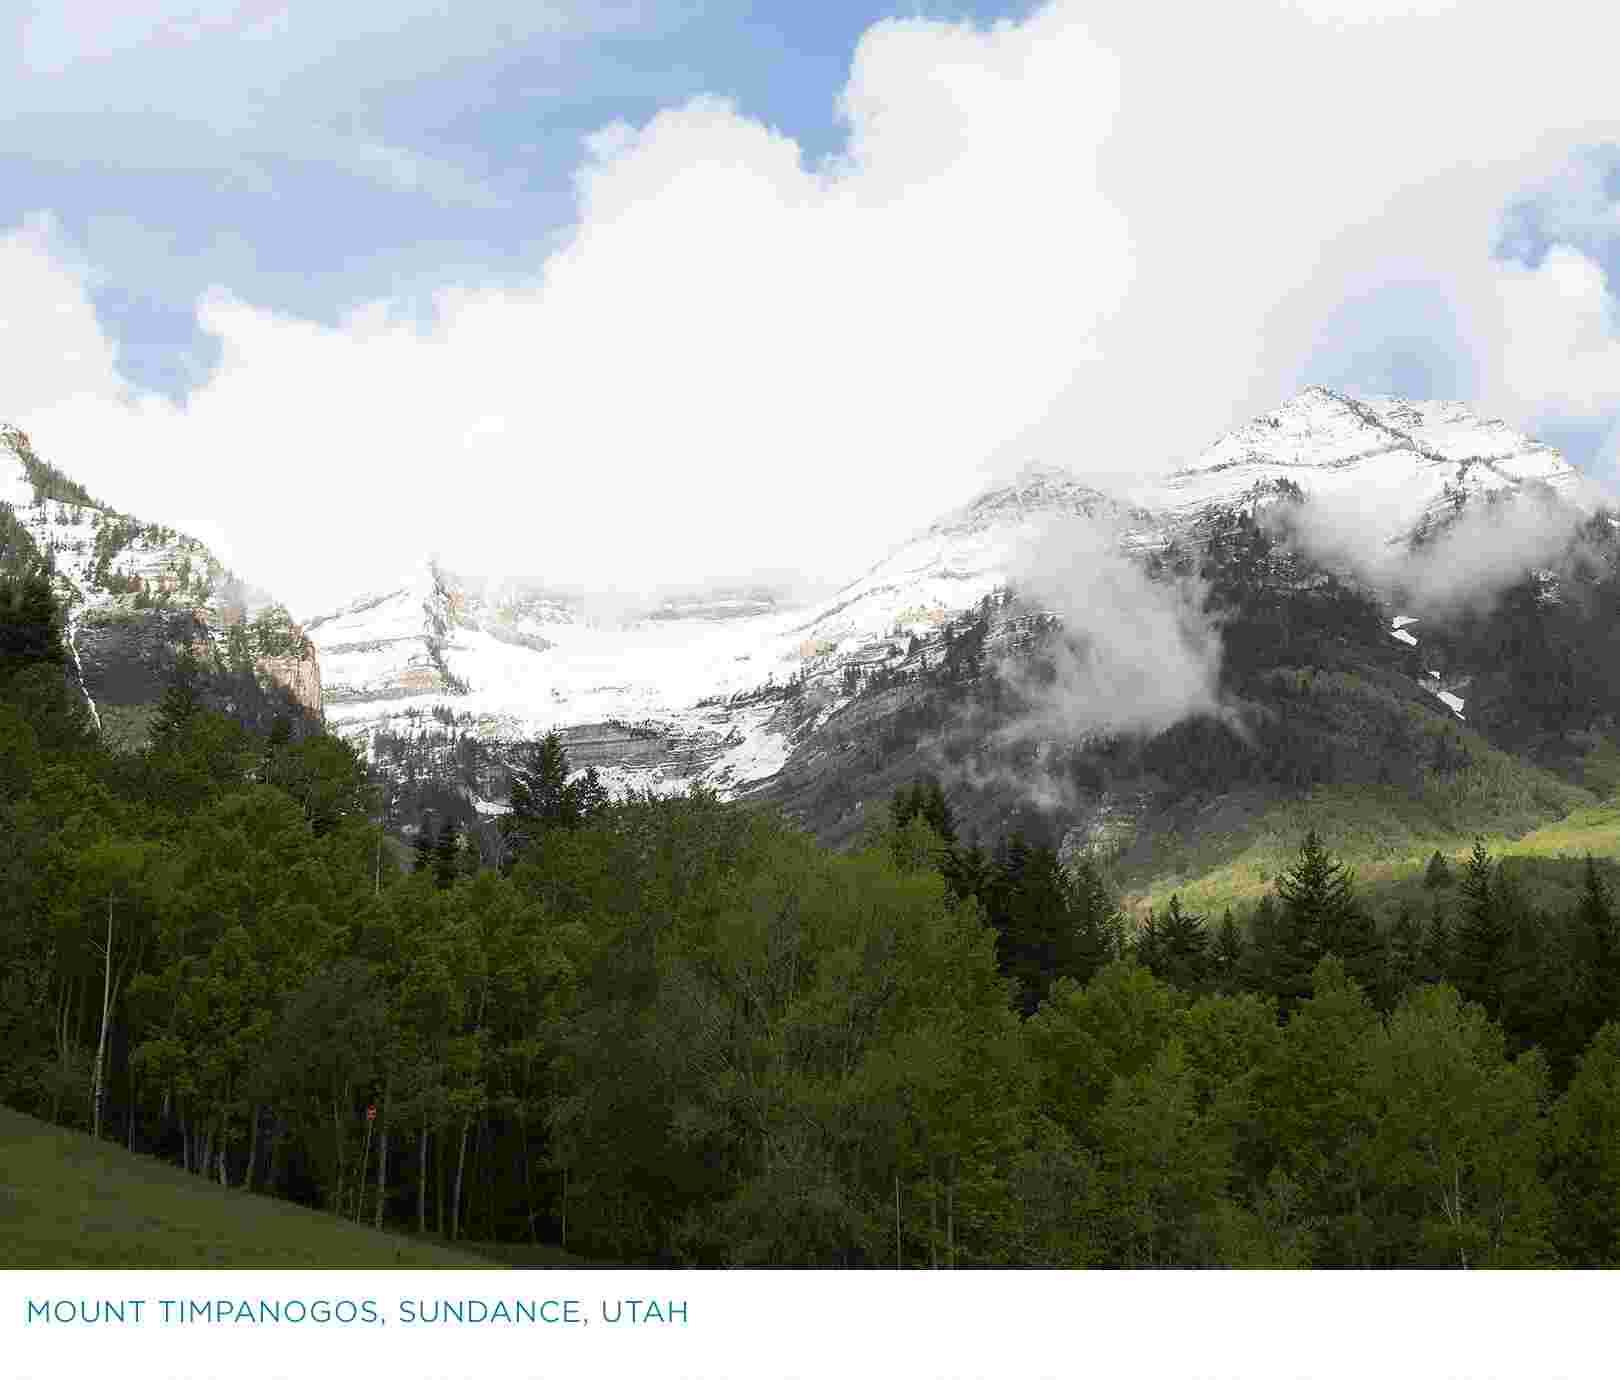 Mount Timpanogos, Sundance, Utah